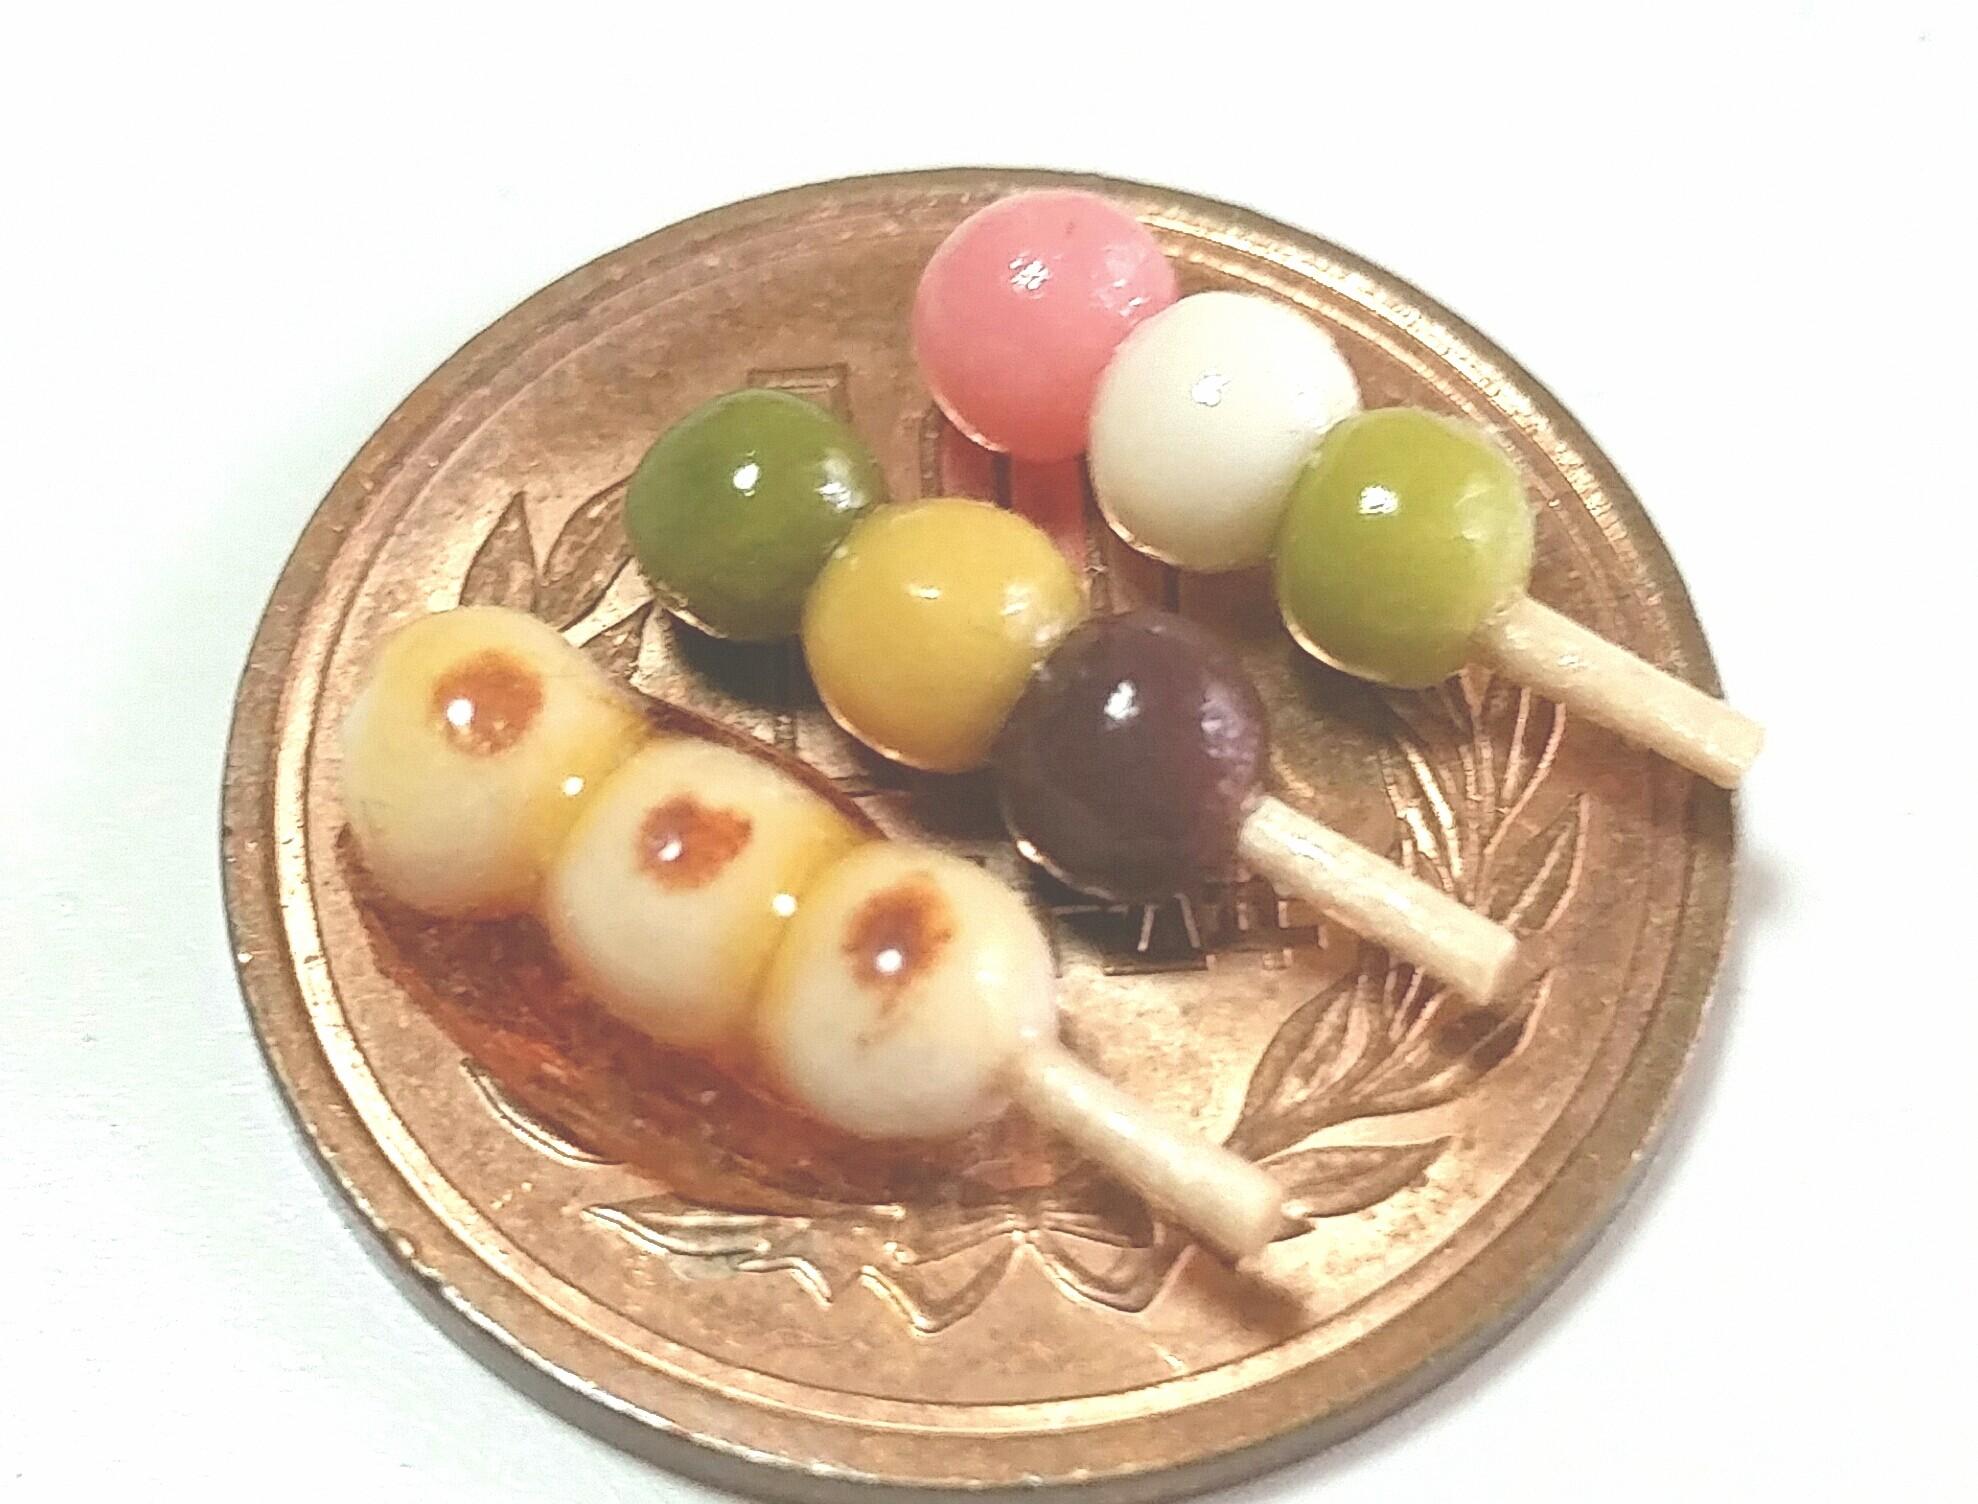 和菓子,ミニチュア,みたらし,三色,坊っちゃん団子,ドール用品小物